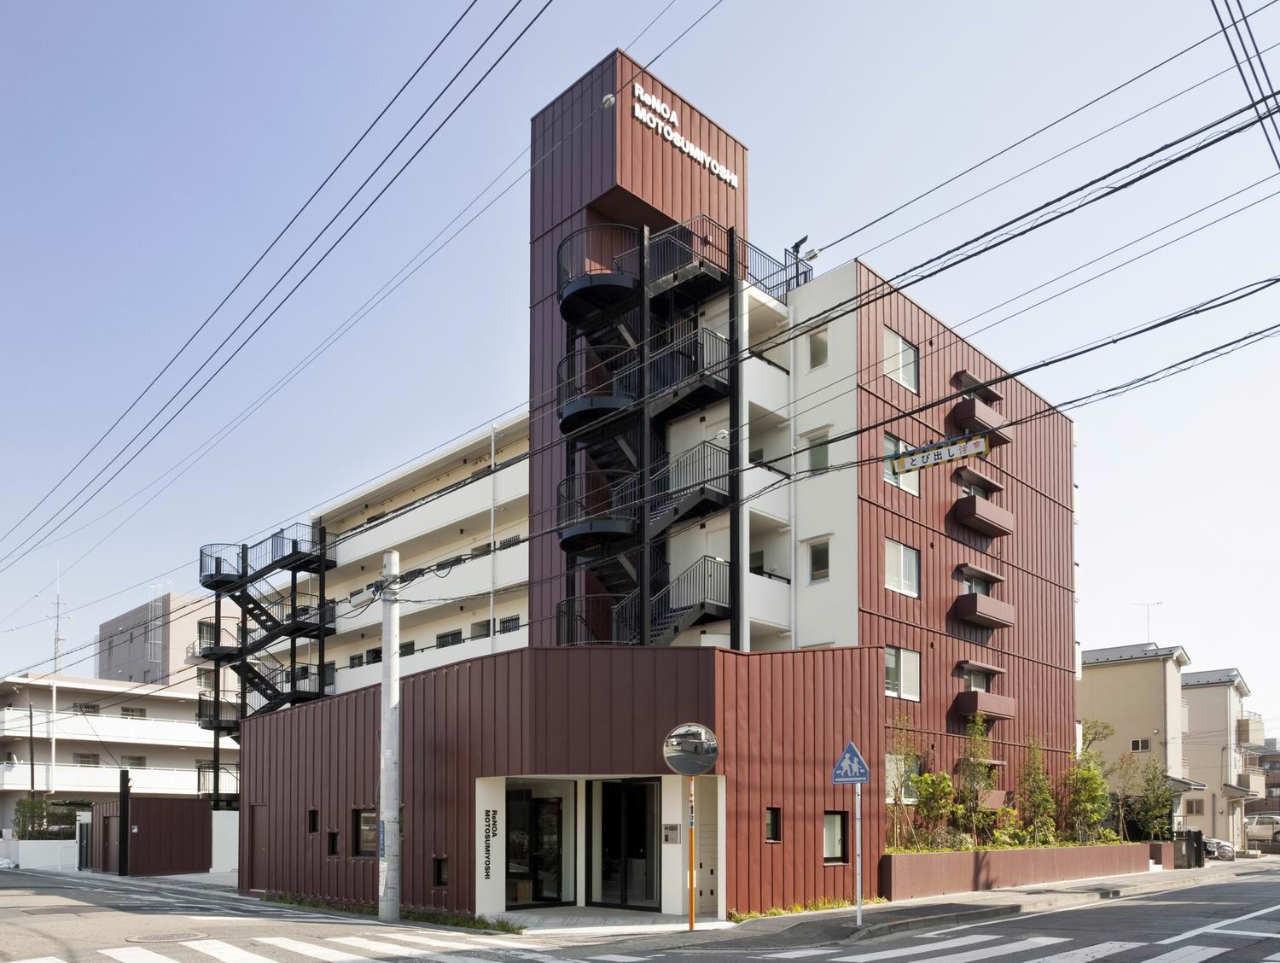 ReNOA Motosumiyoshi / KEY OPERATION INC., © KEY OPERATION INC. / ARCHITECTS + ReBITA Inc.